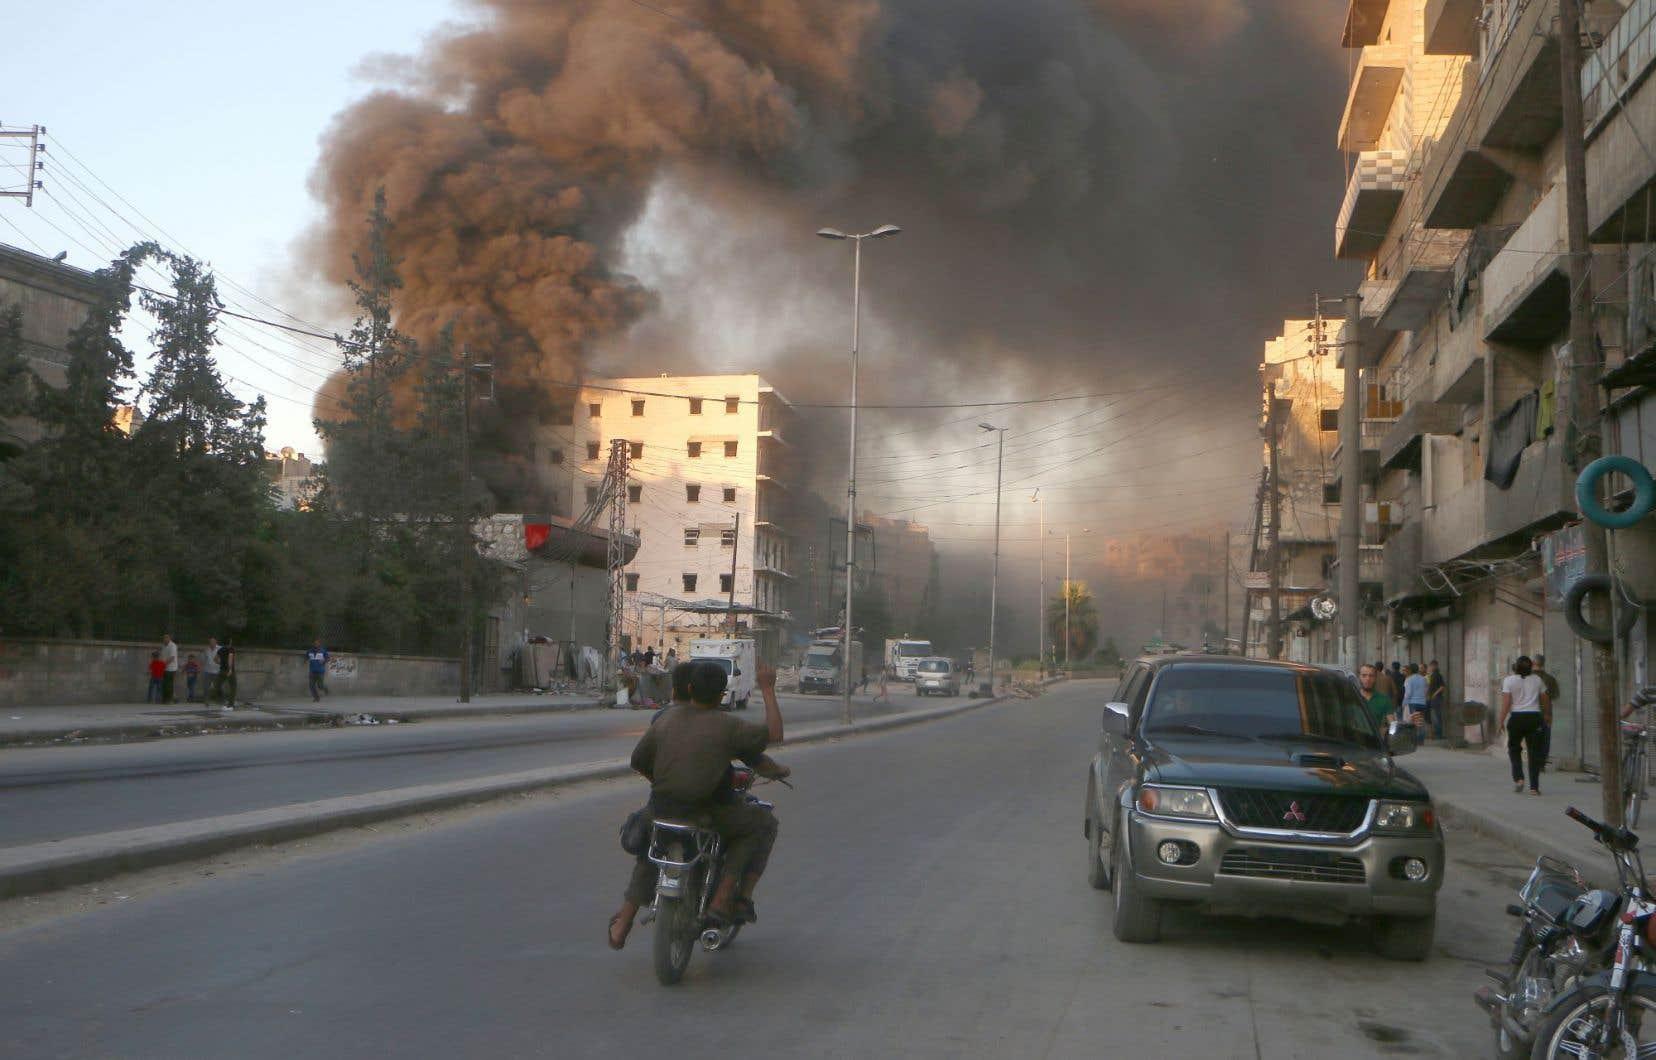 Au total, près de 600 000 personnes vivent dans 18 zones ou localités assiégées en Syrie, dans la plupart des cas par les forces gouvernementales.